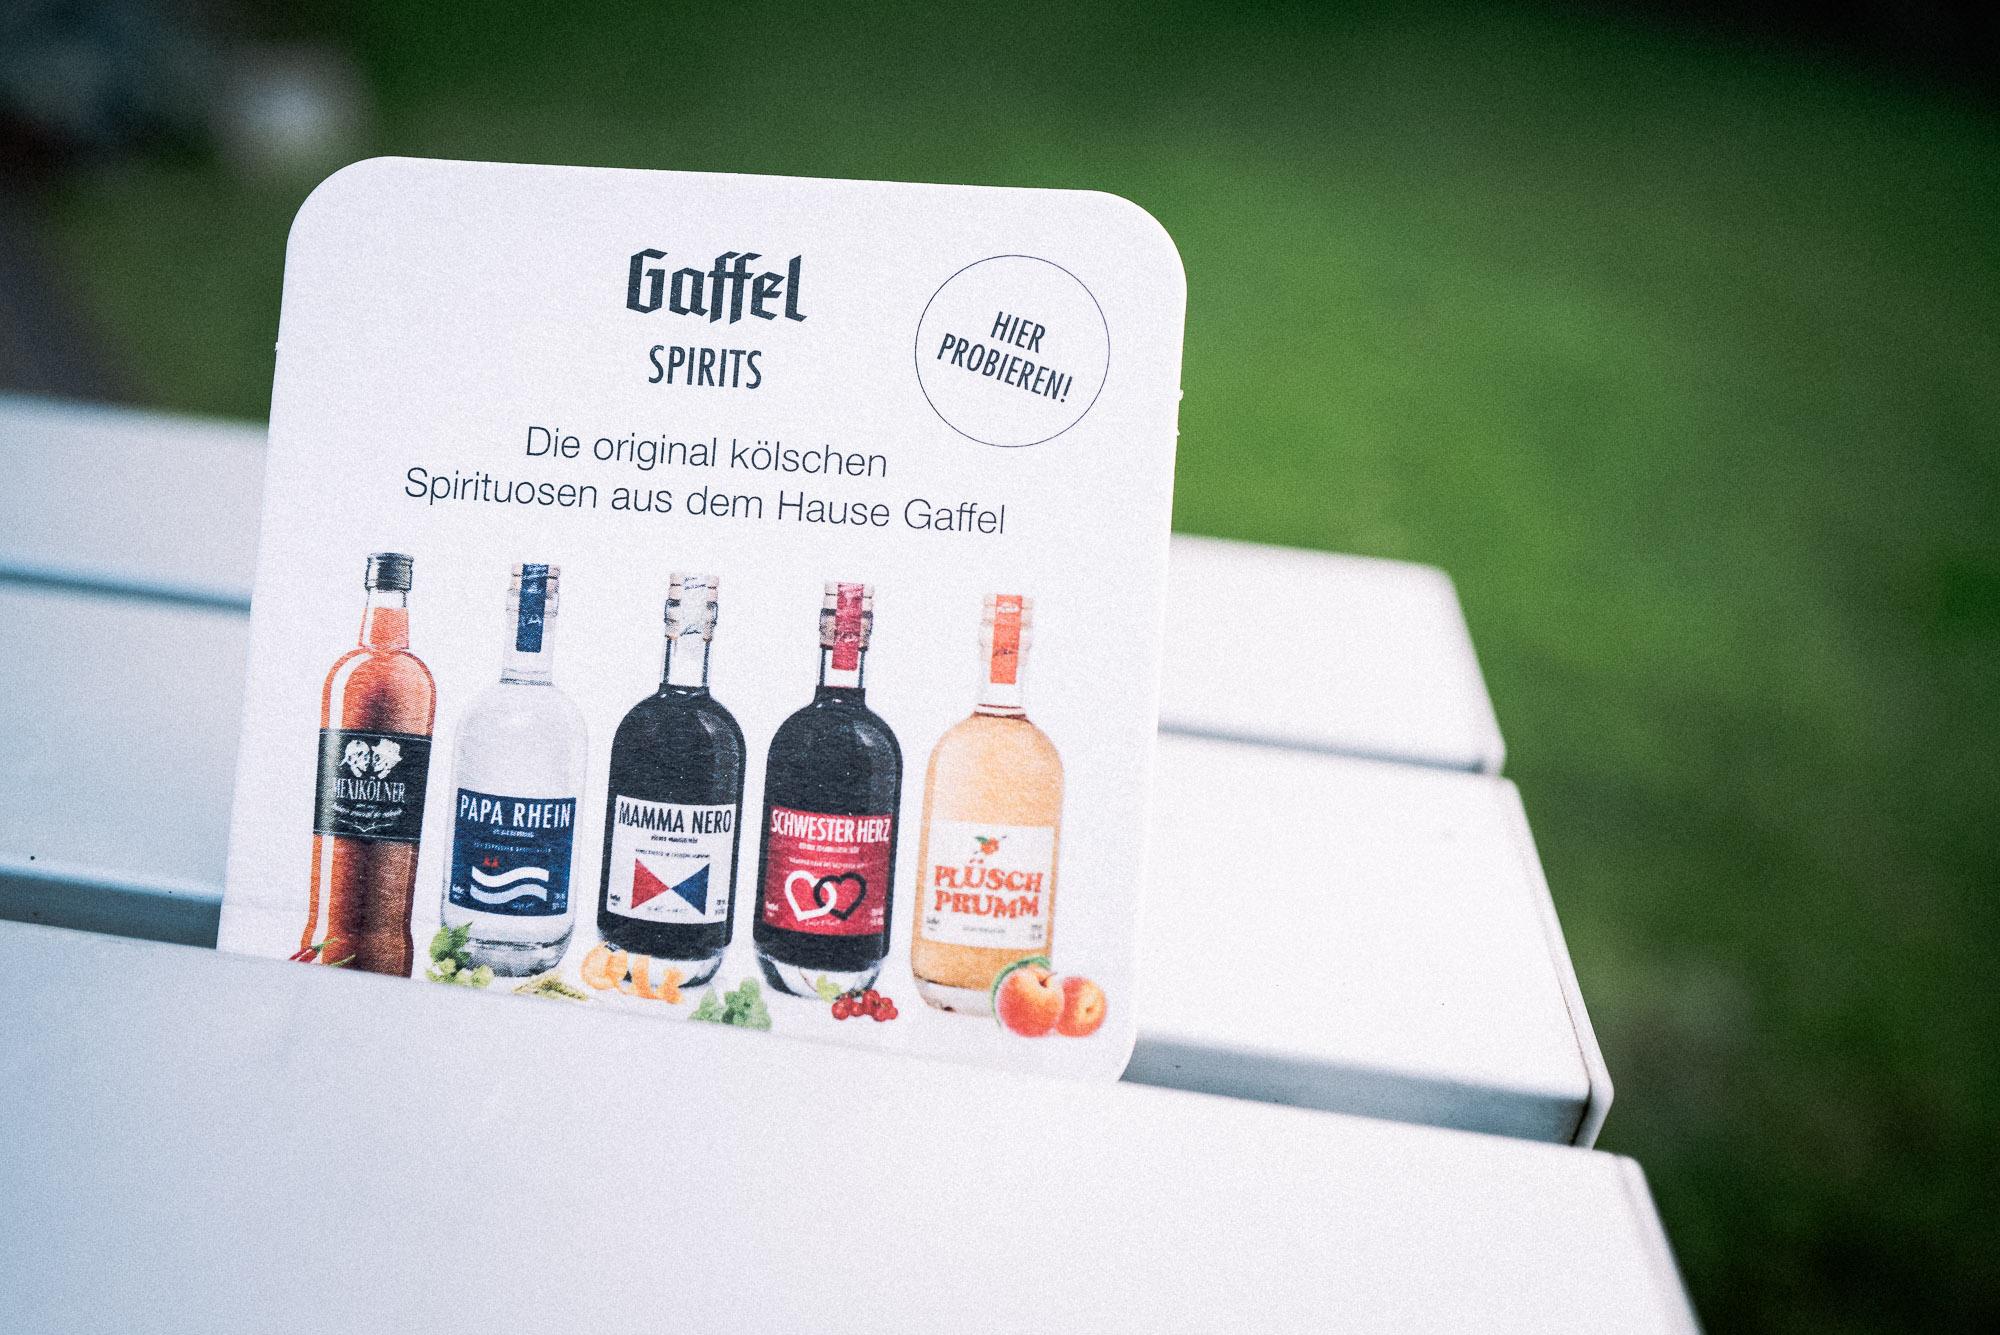 DLG-Medaillen in Gold für vier Produkte der Reihe Gaffel Spirits